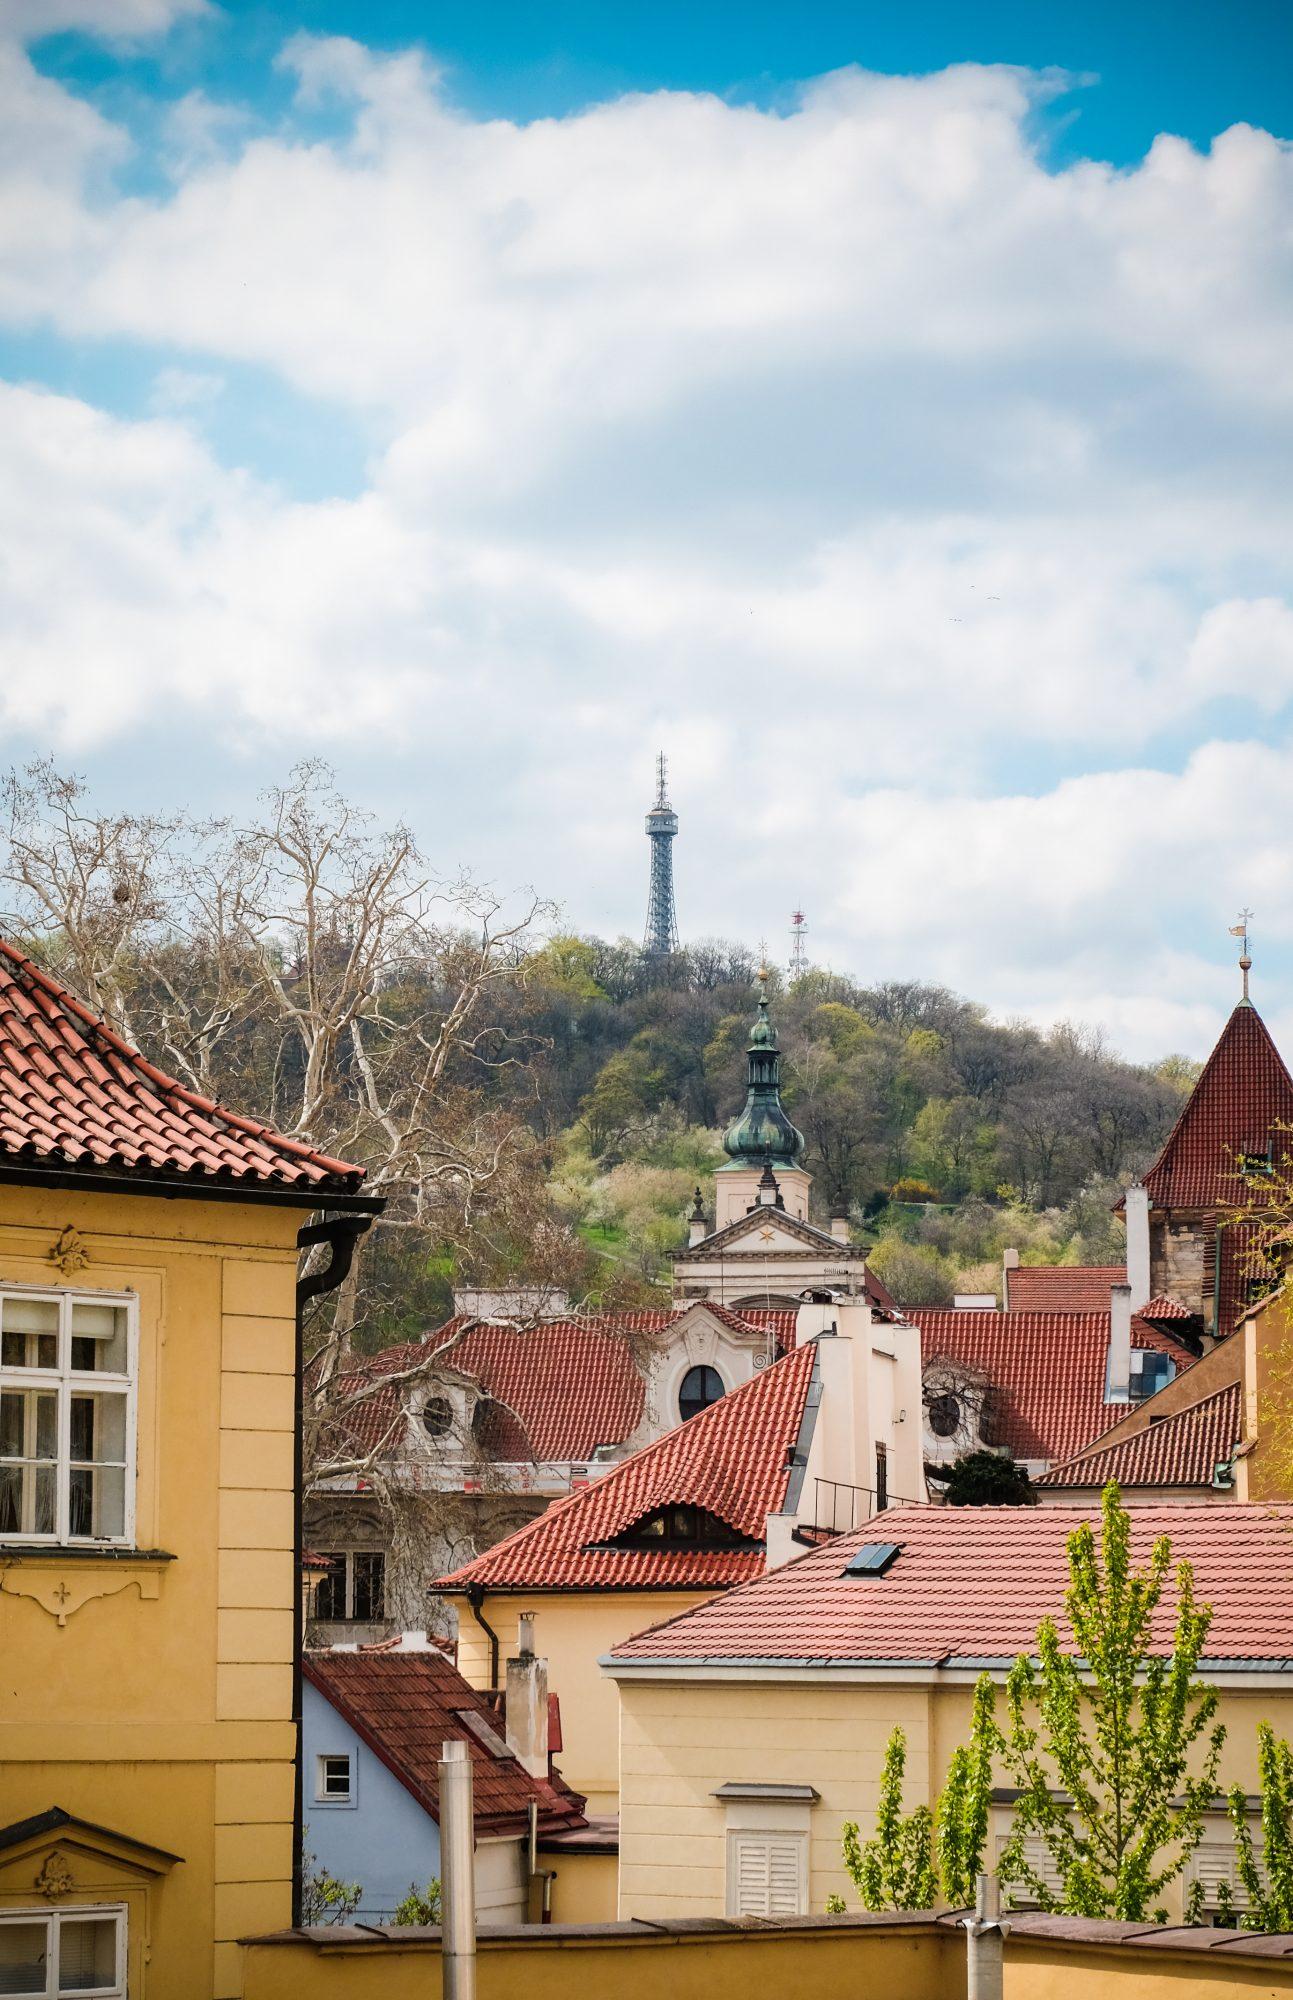 Petite tour Eiffel de Prague